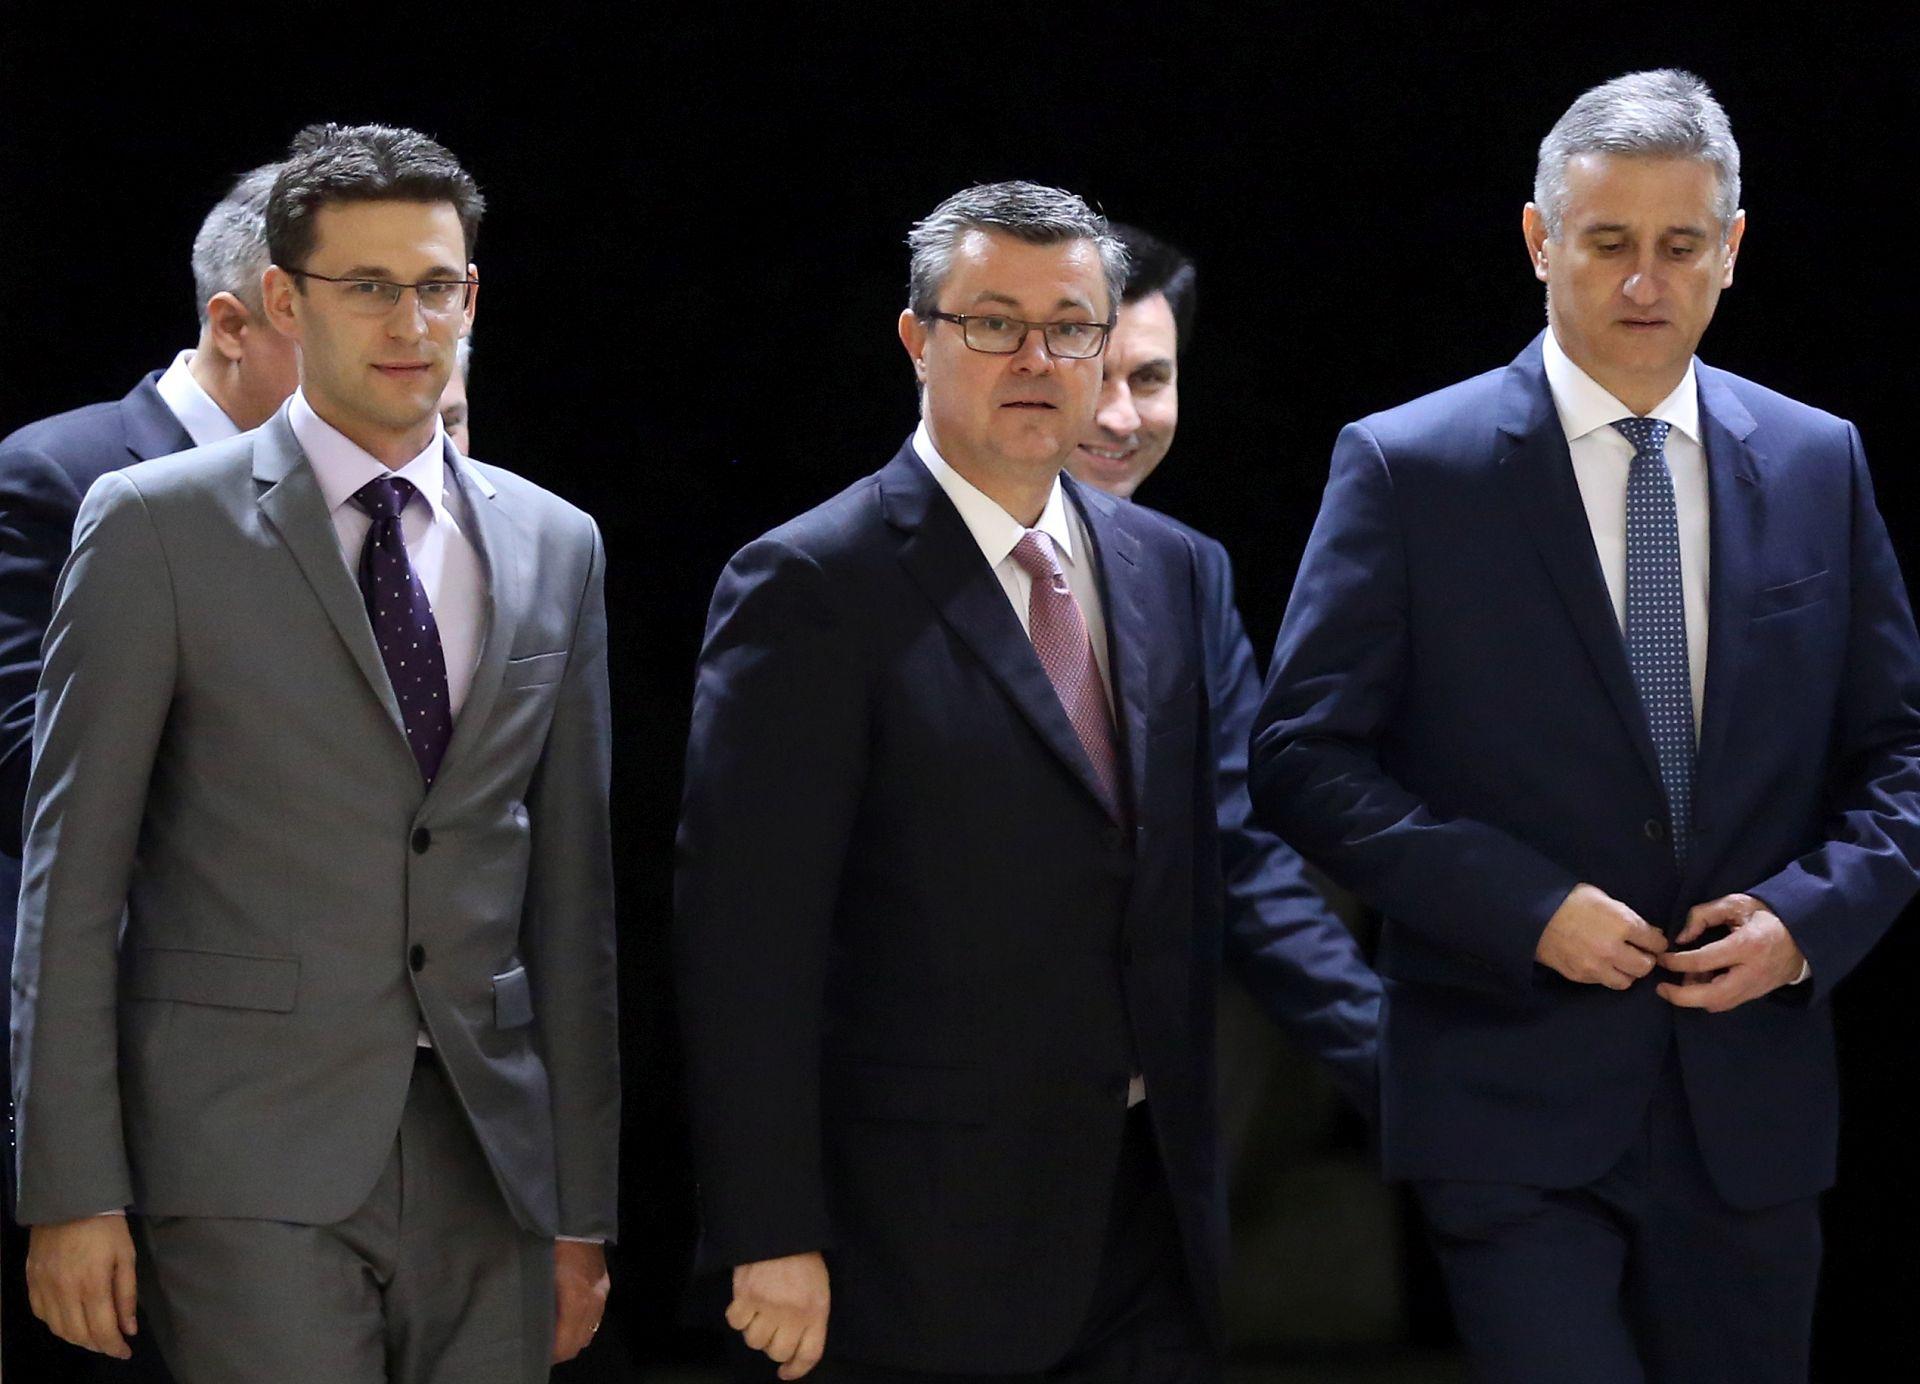 PRIJE PREDSTAVLJANJA VLADE: MOST povukao veto, Zdravko Marić ipak postaje ministar financija